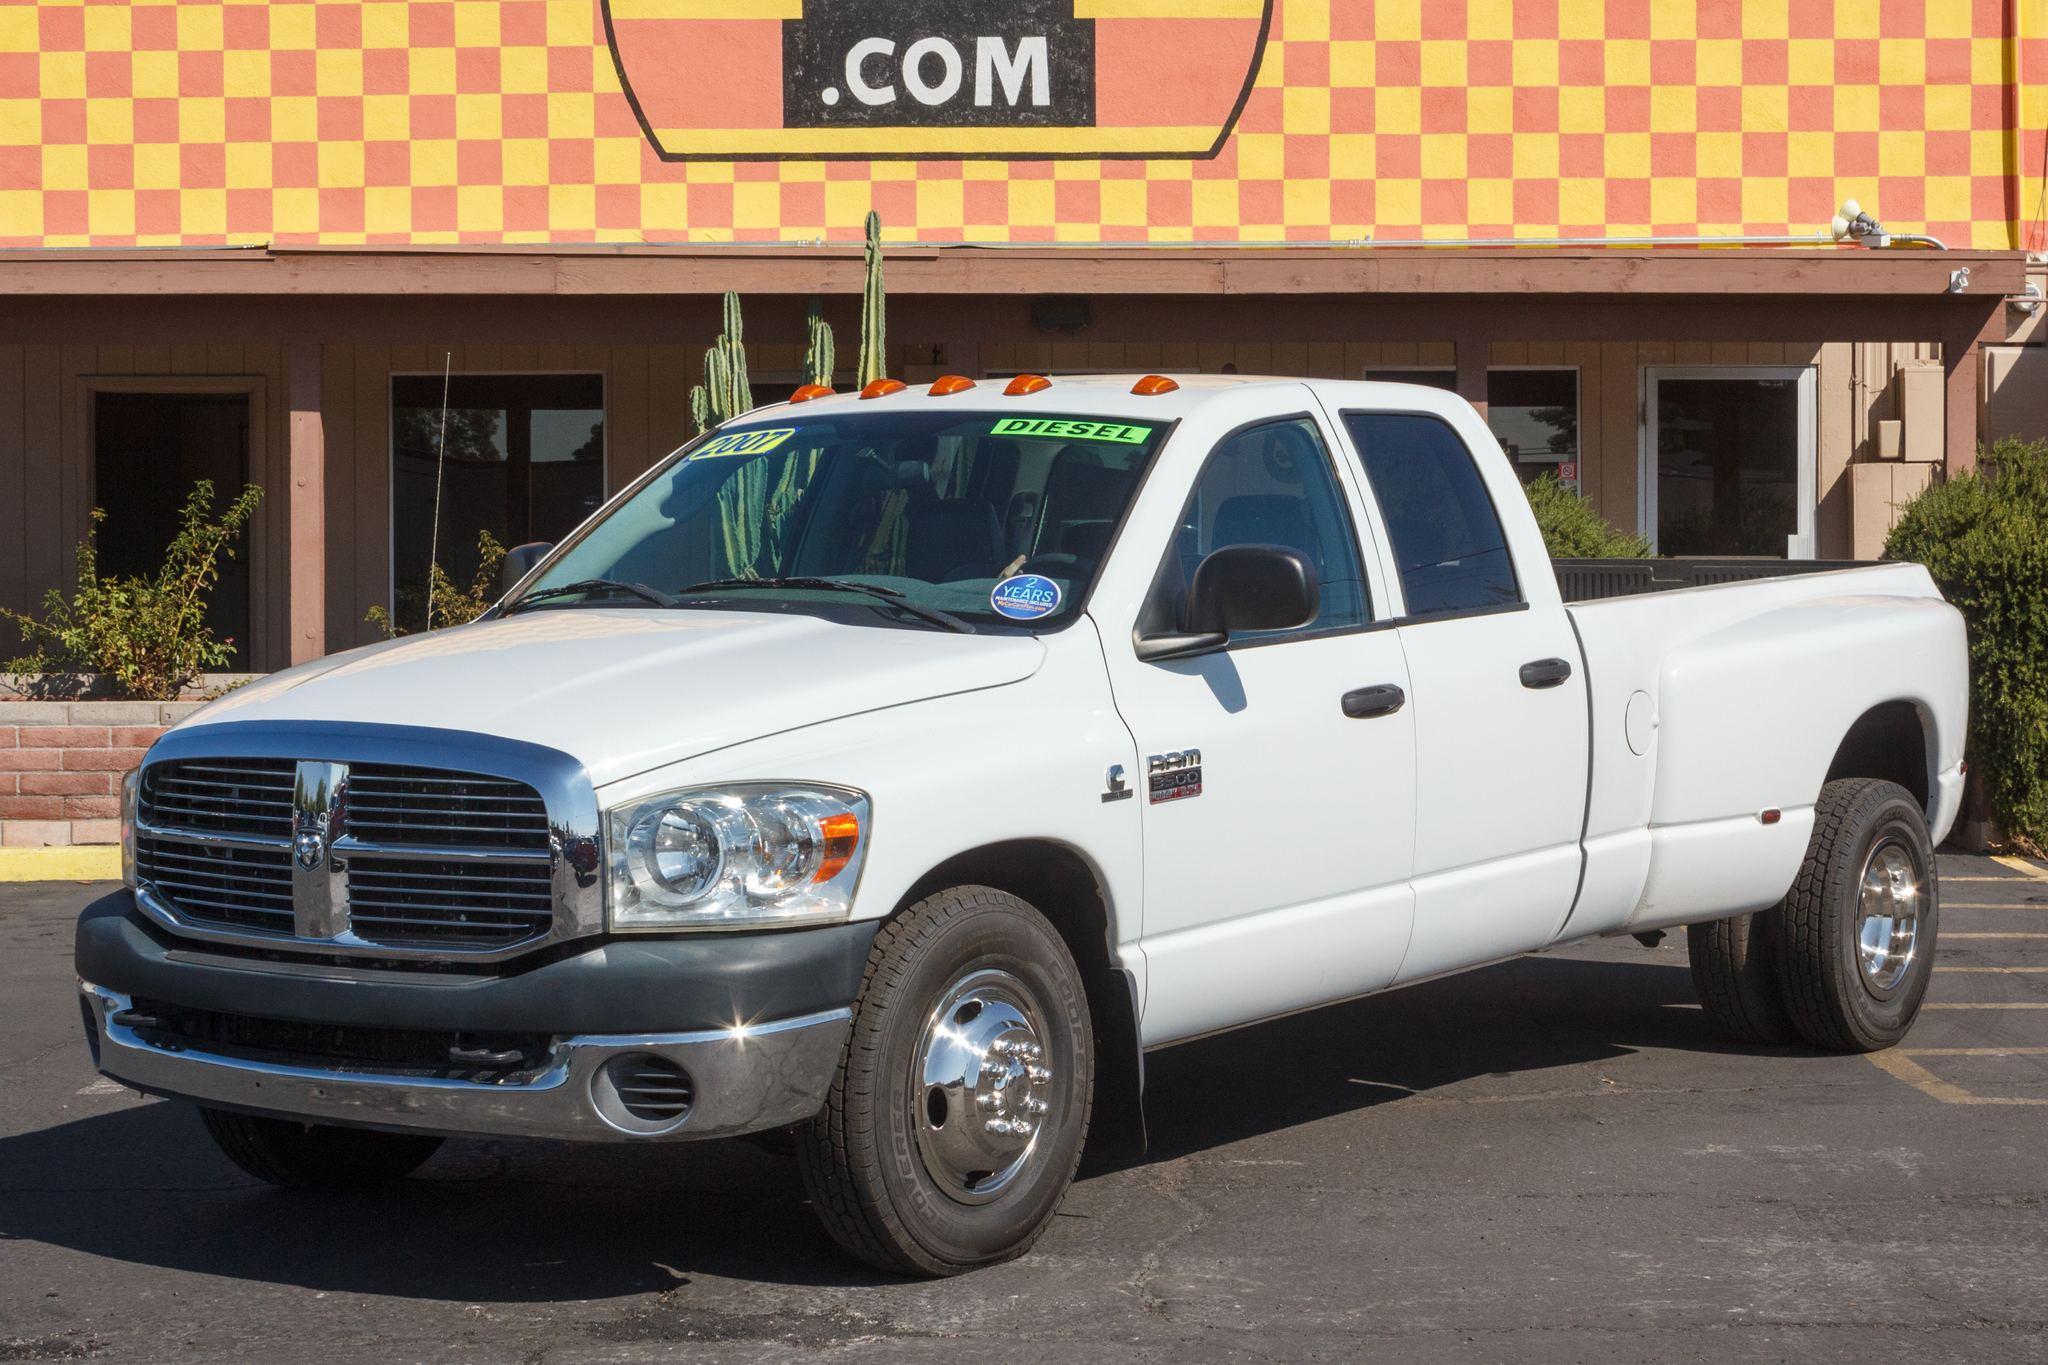 Photo of 2007 Dodge Ram 3500 2WD Quad Cab ST DRW Diesel